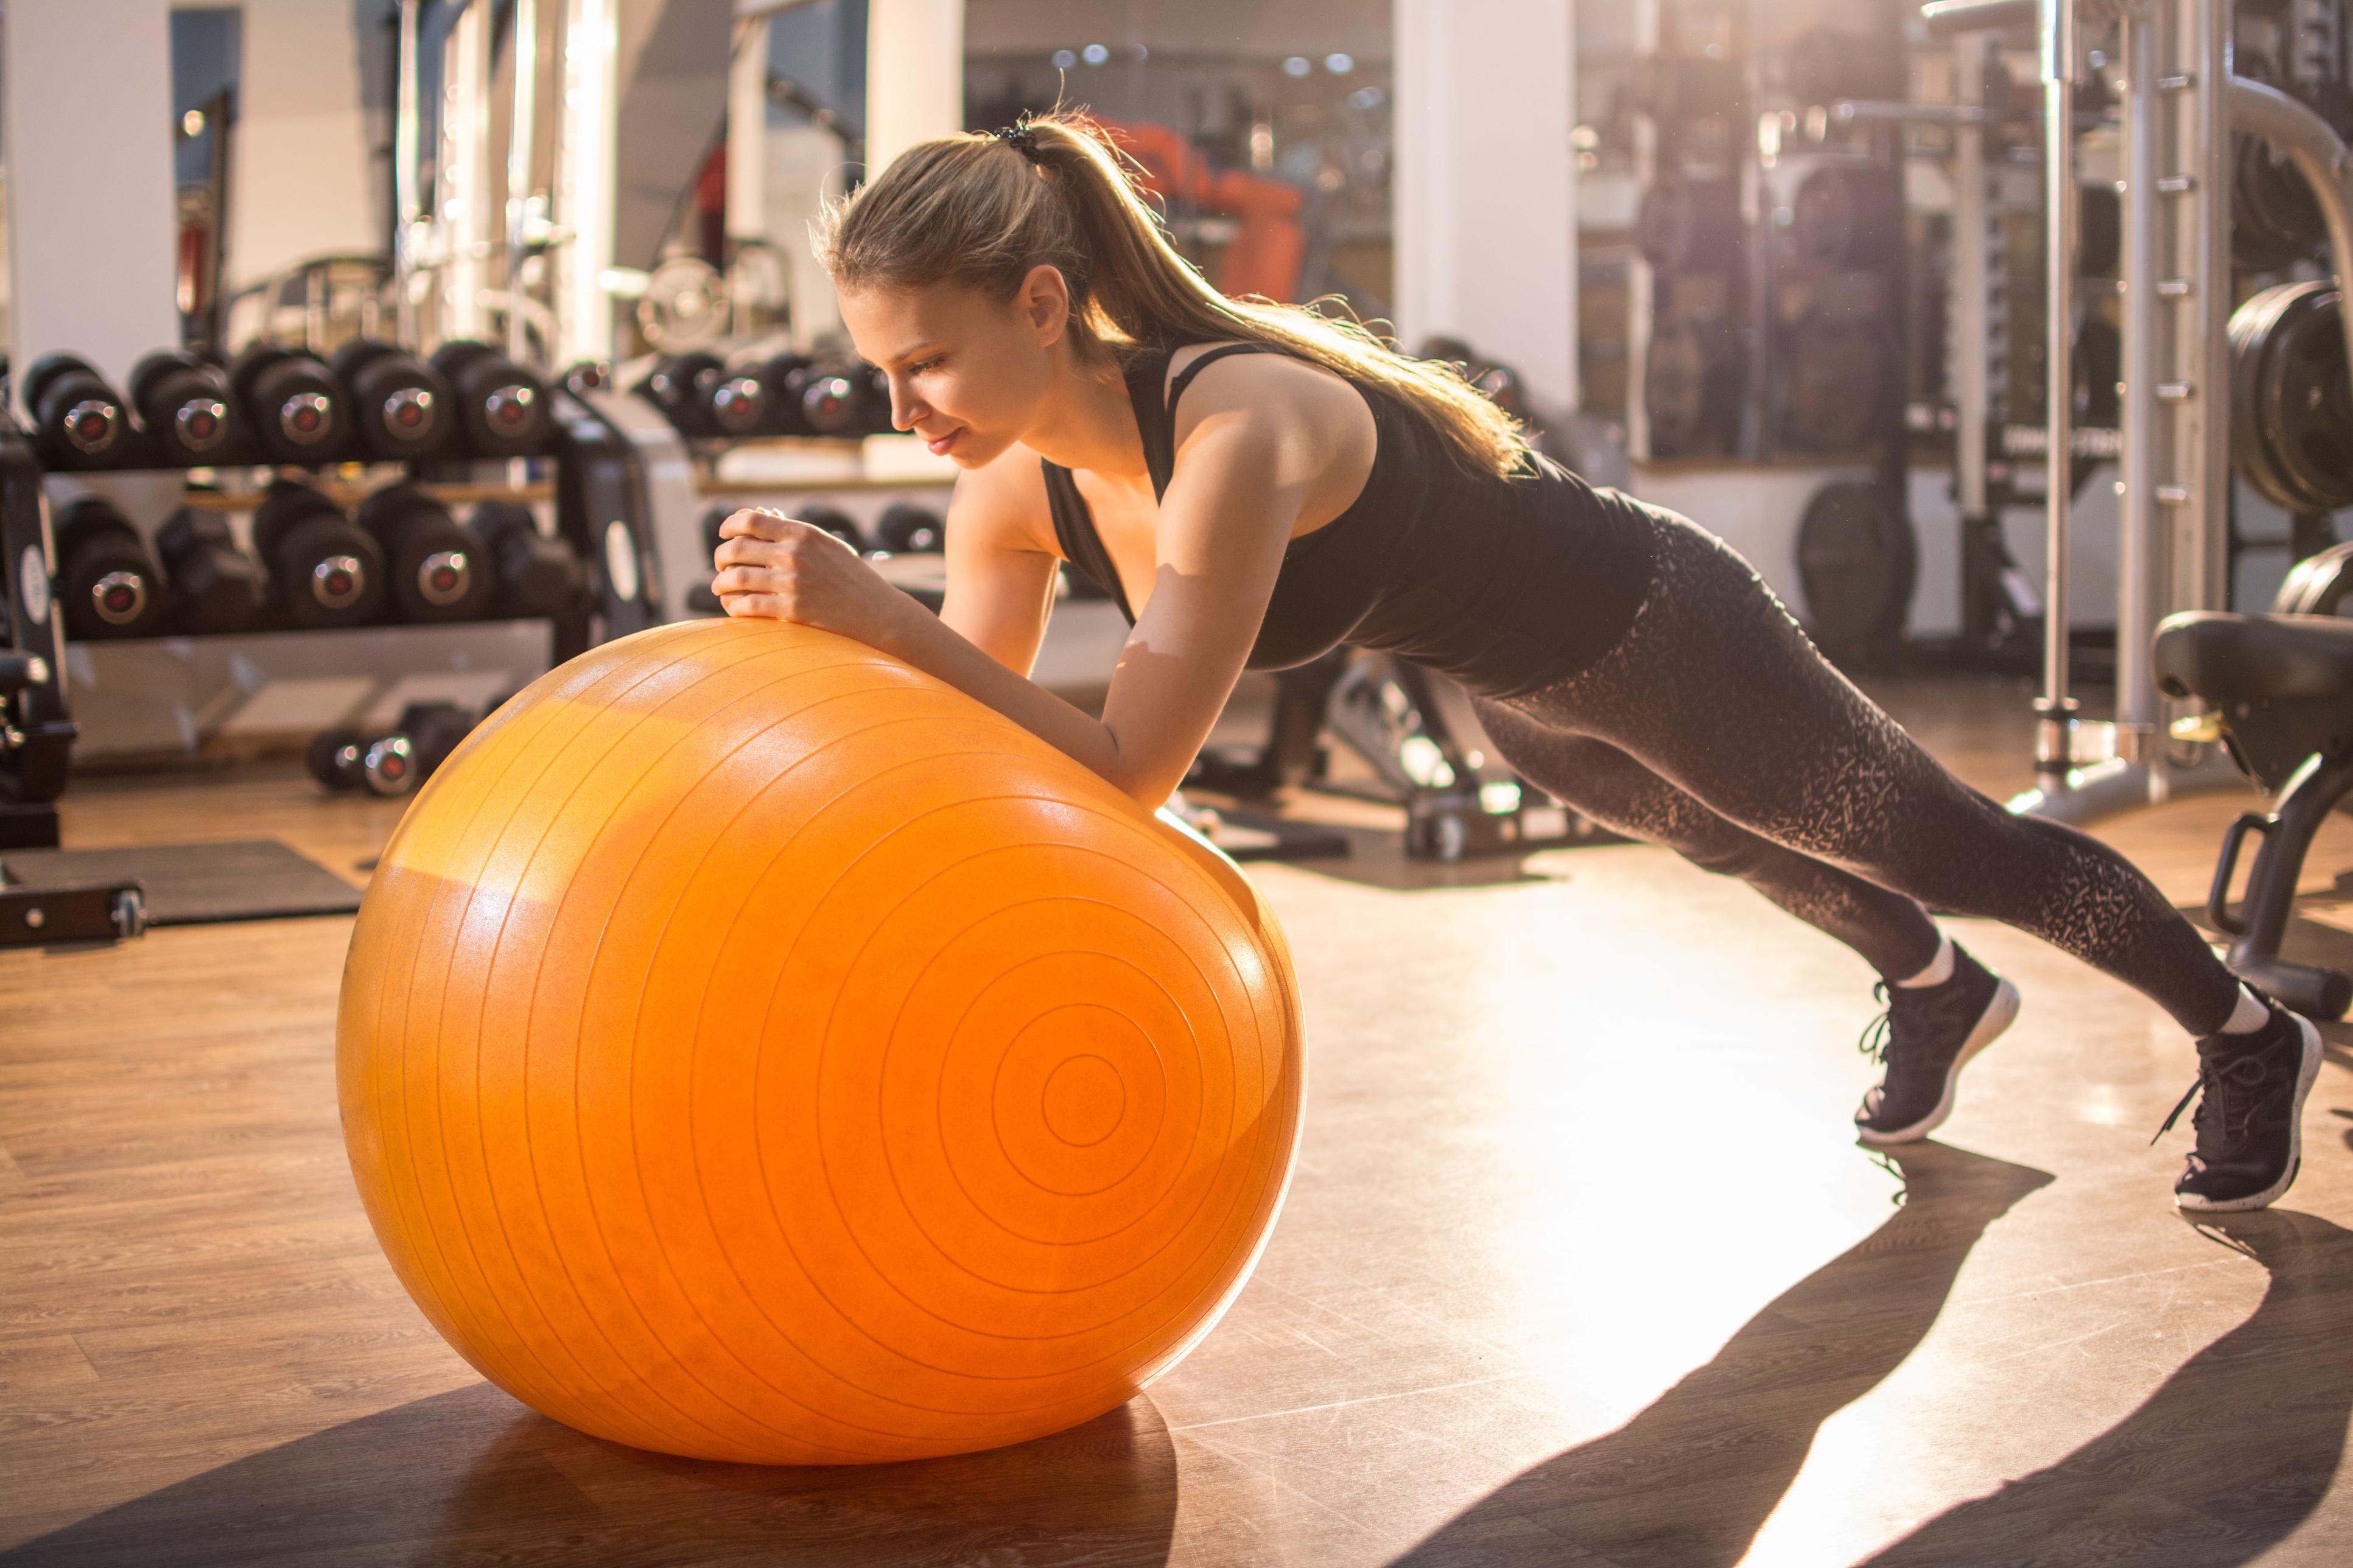 Експерти поділилися, як з допомогою фітболу і нескладних вправ отримати бажану фігуру